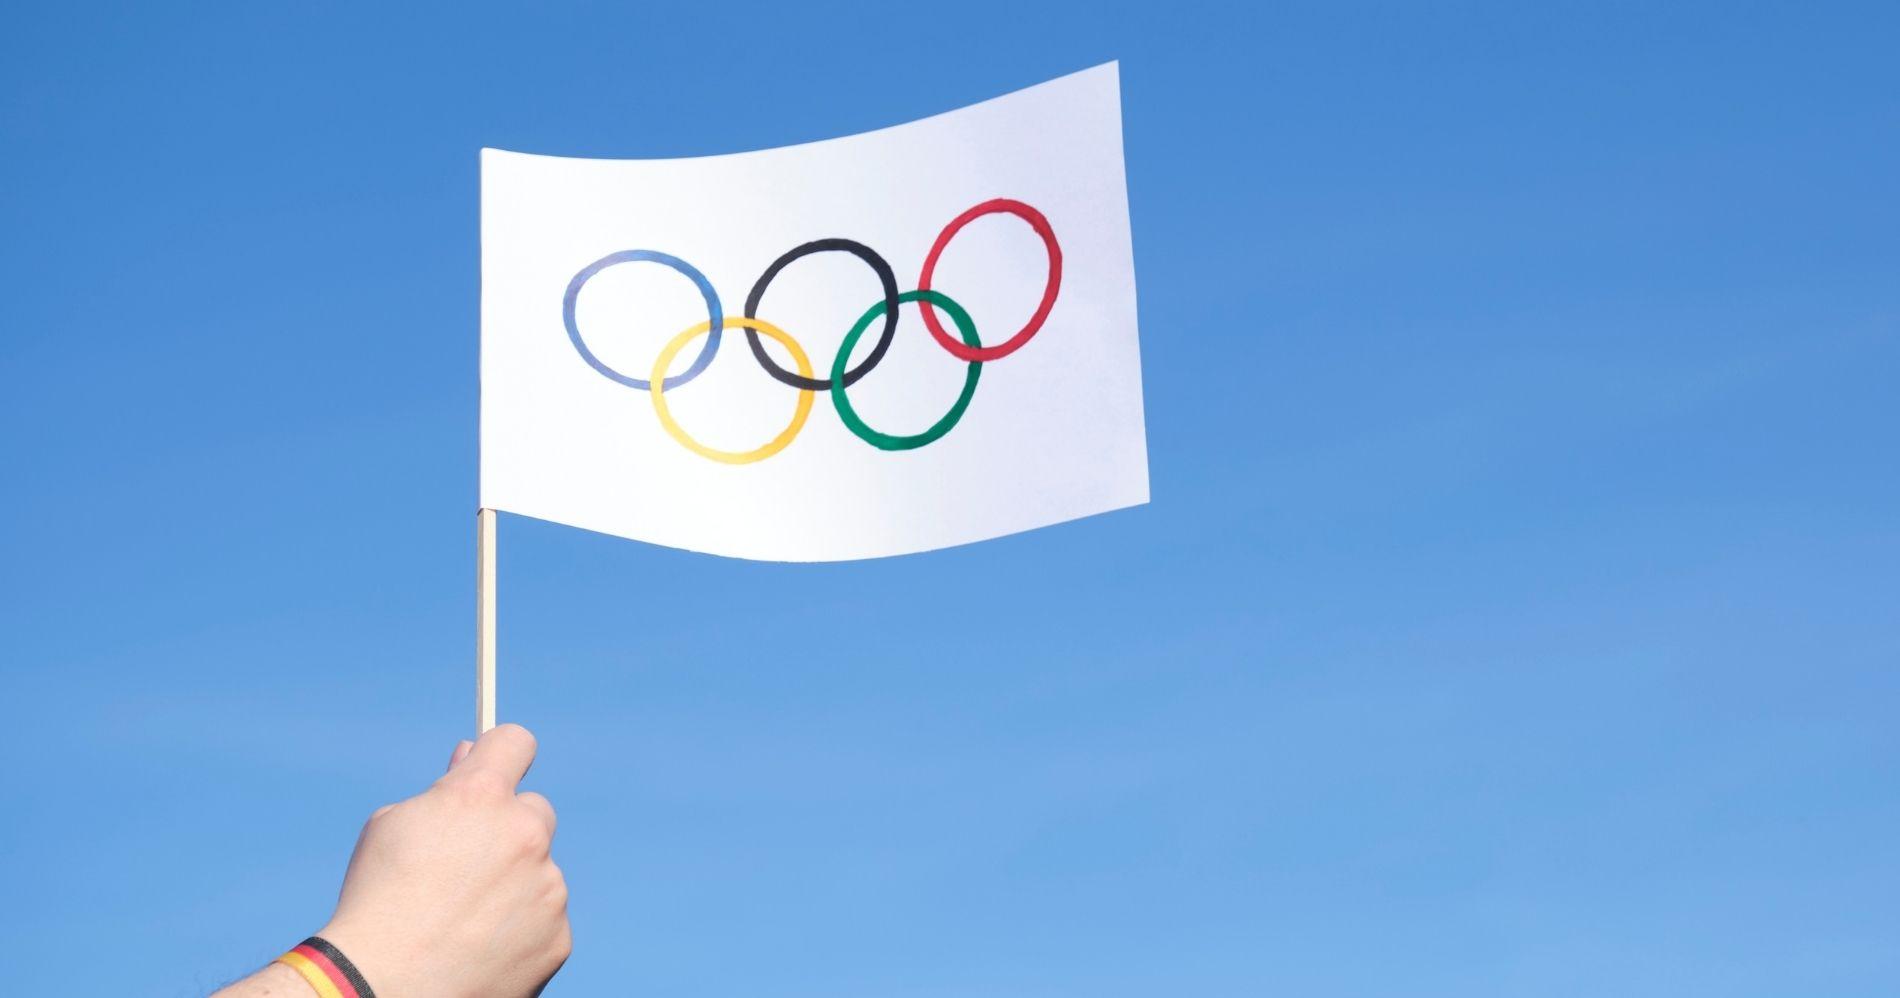 Olimpiade Illustration Bisnis Muda - Canva